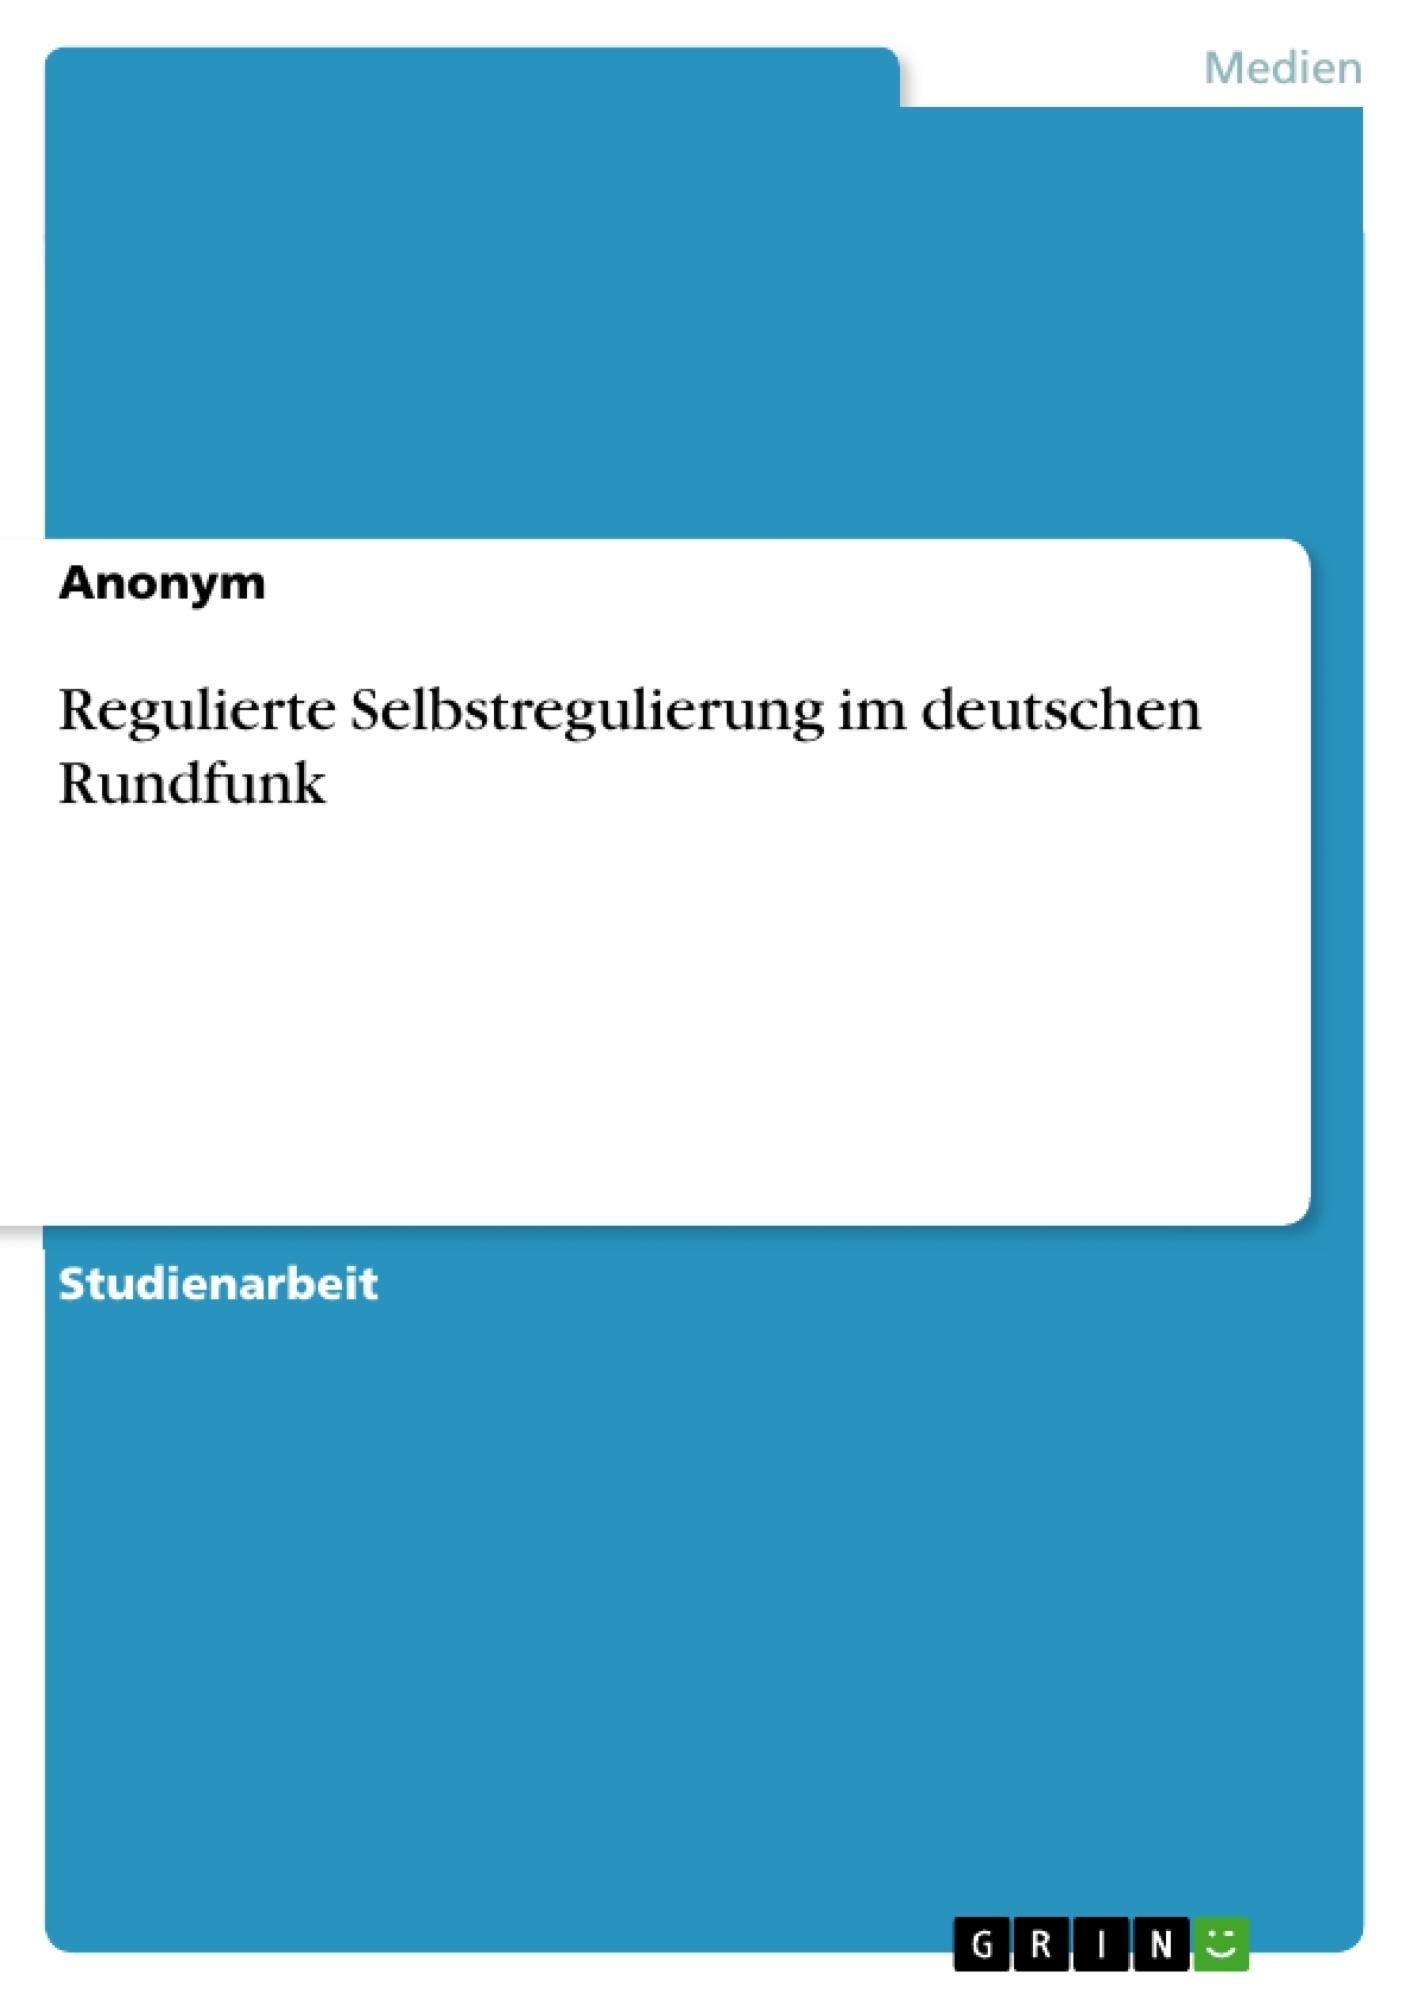 Titel: Regulierte Selbstregulierung im deutschen Rundfunk